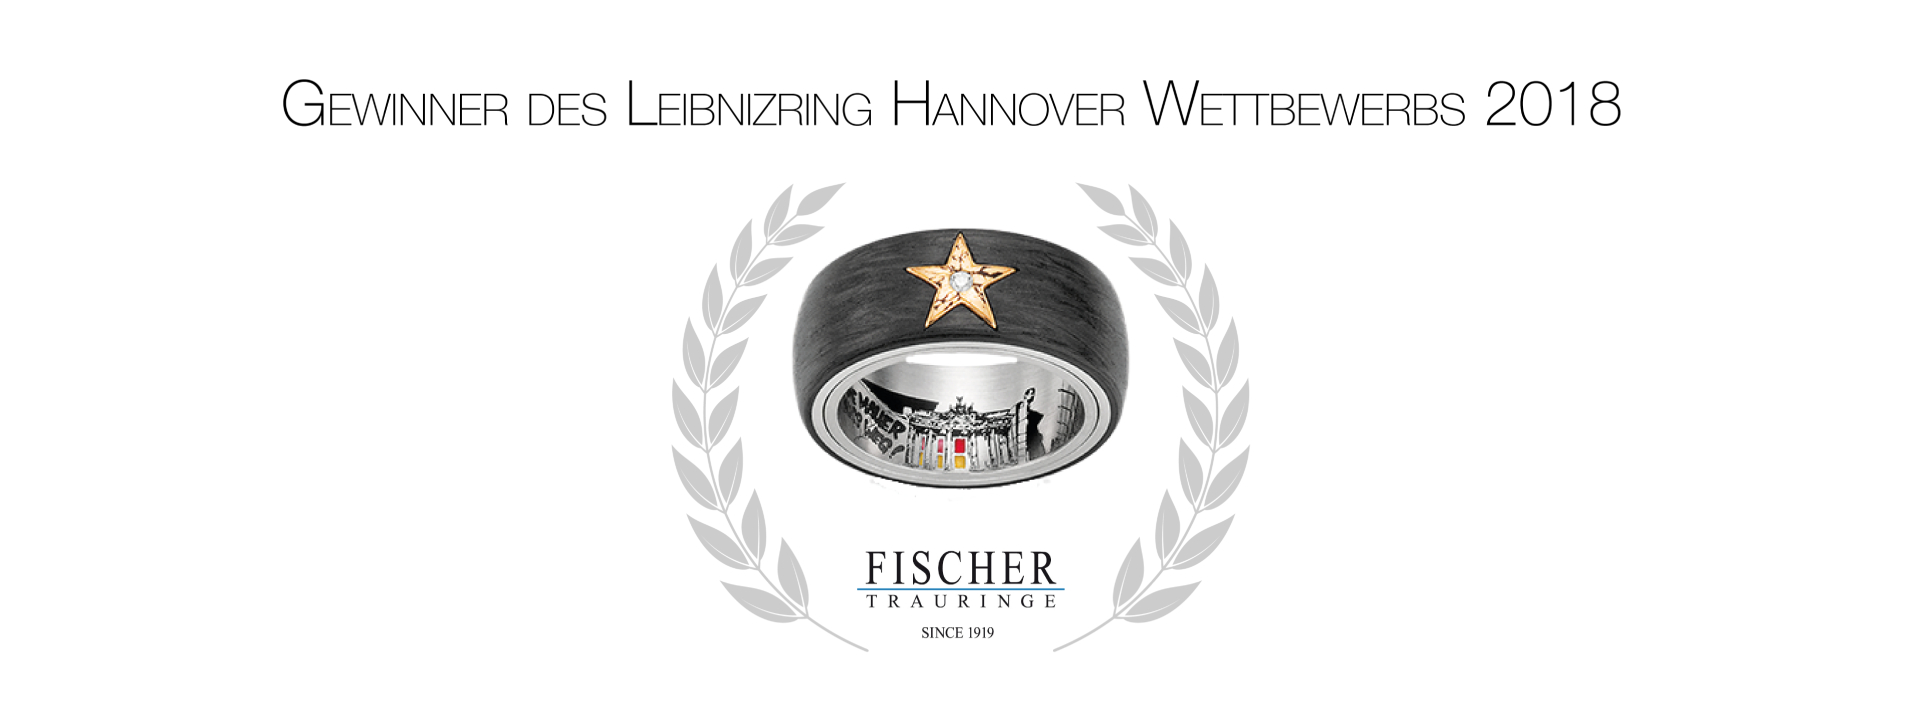 Hochwertige Trauringe 100 Made In Germany Bei Fischer Trauringe